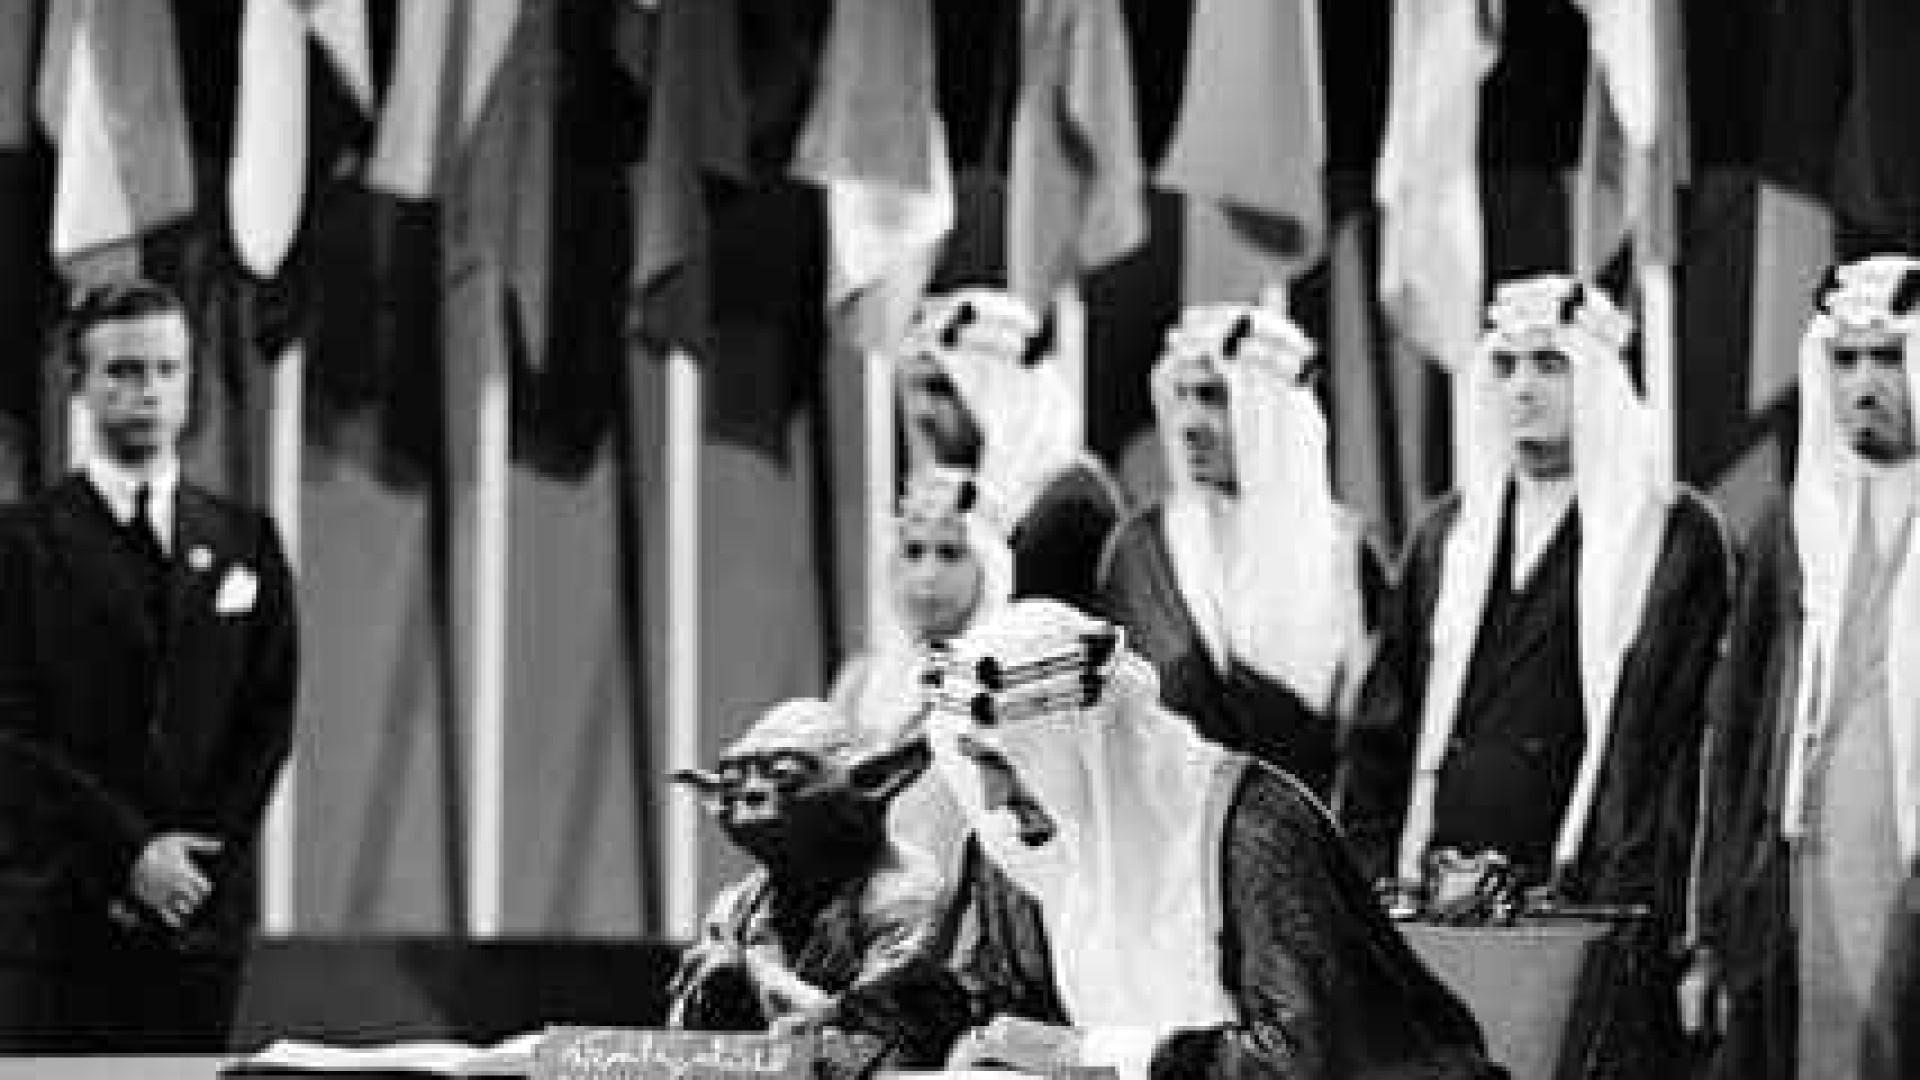 Arábia Saudita acaba com proibição e mulheres poderão dirigir veículos